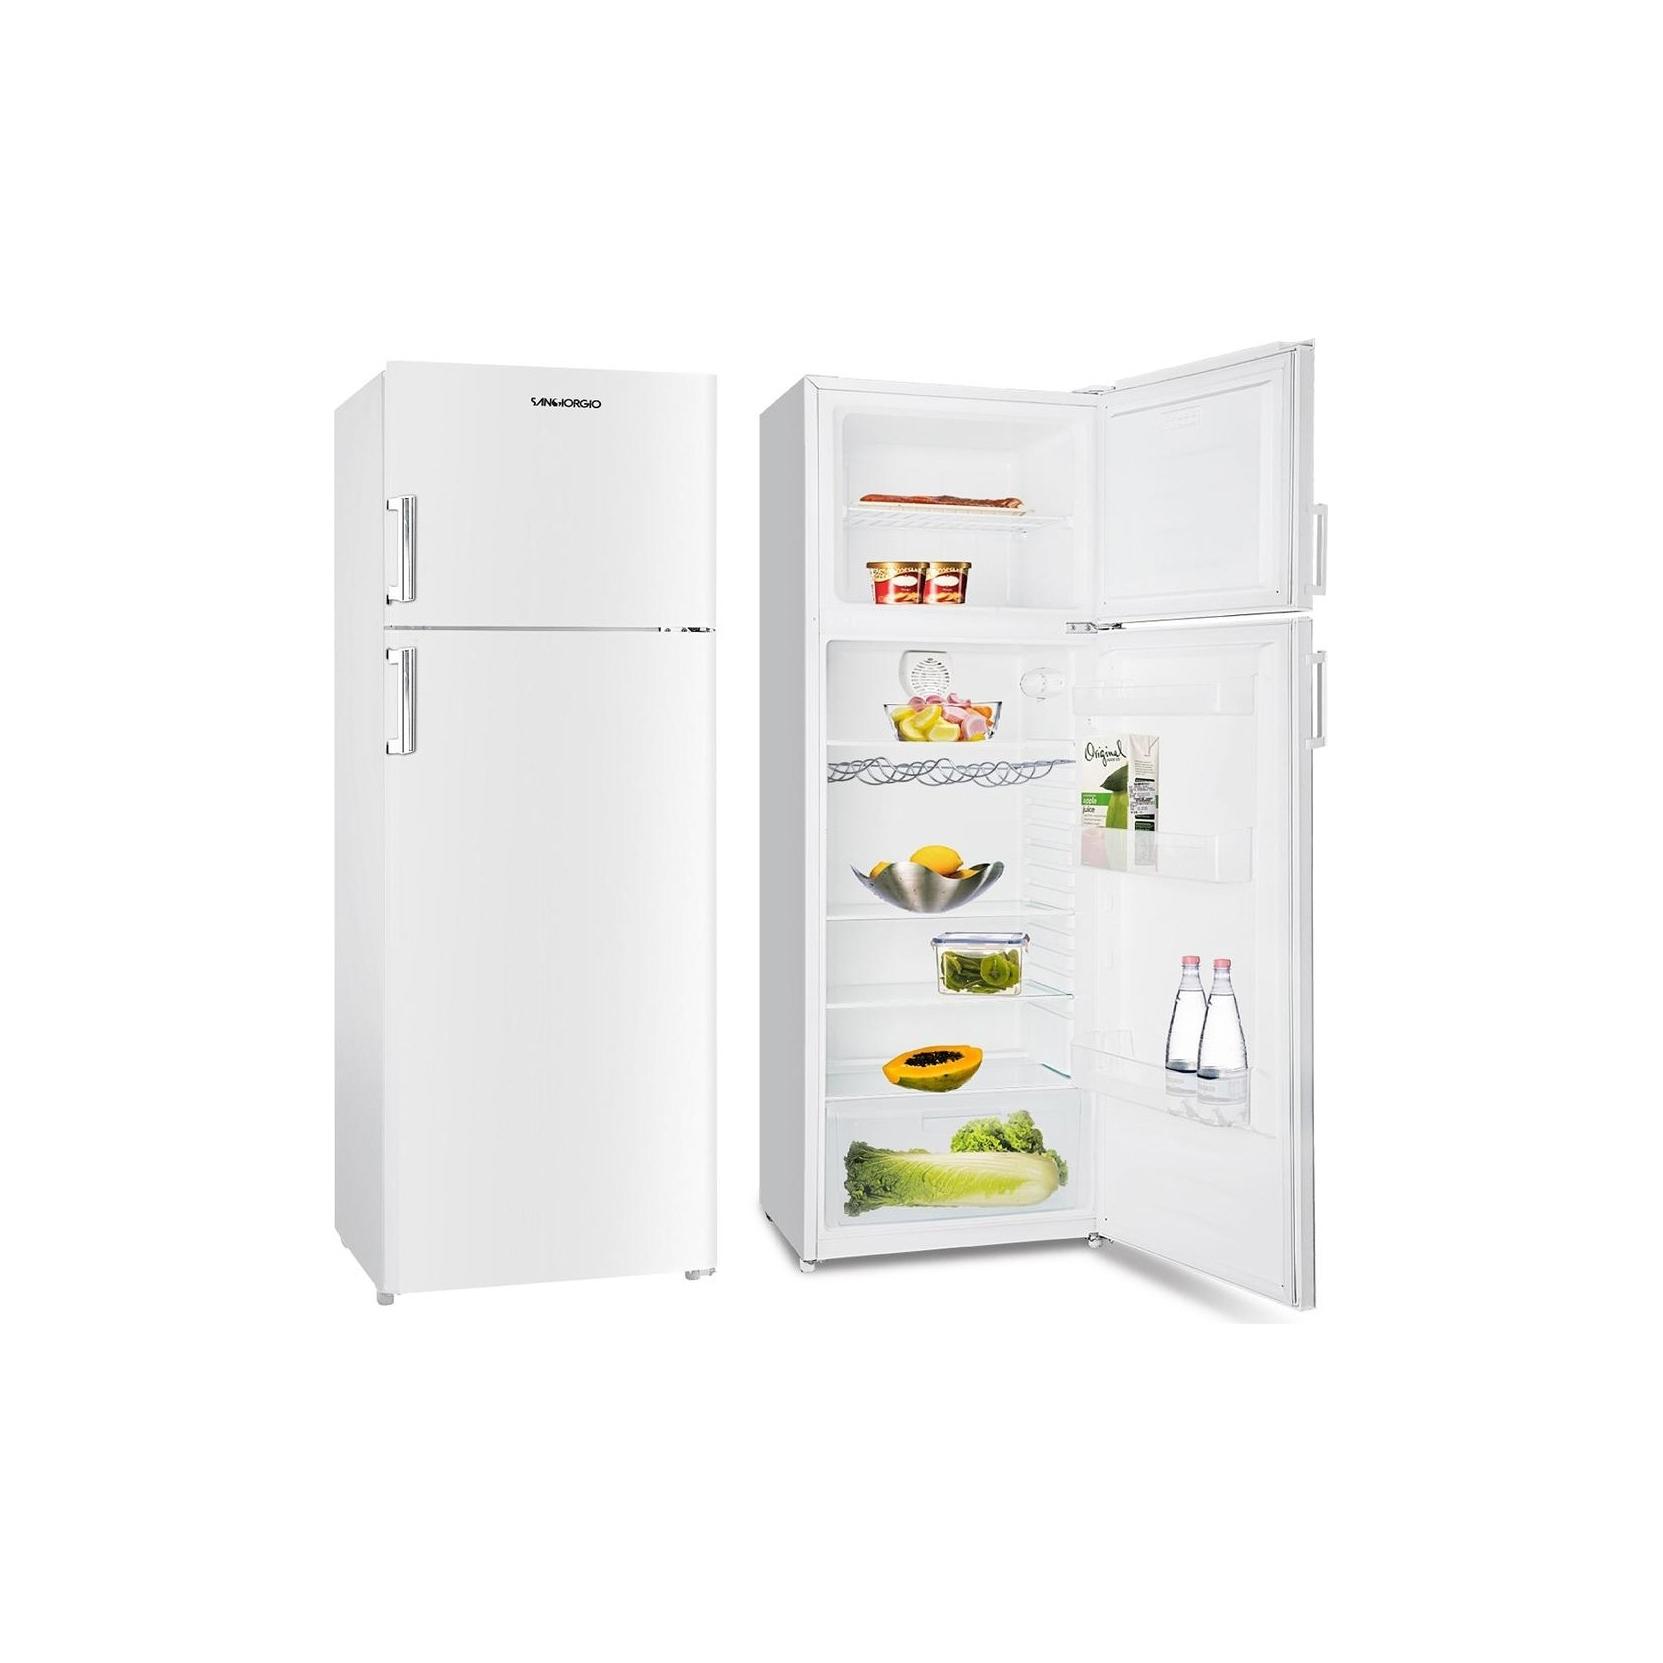 San giorgio sd32sw frigorifero doppia porta 300 lt classe a garanzia italia promo - Frigoriferi doppia porta classe a ...